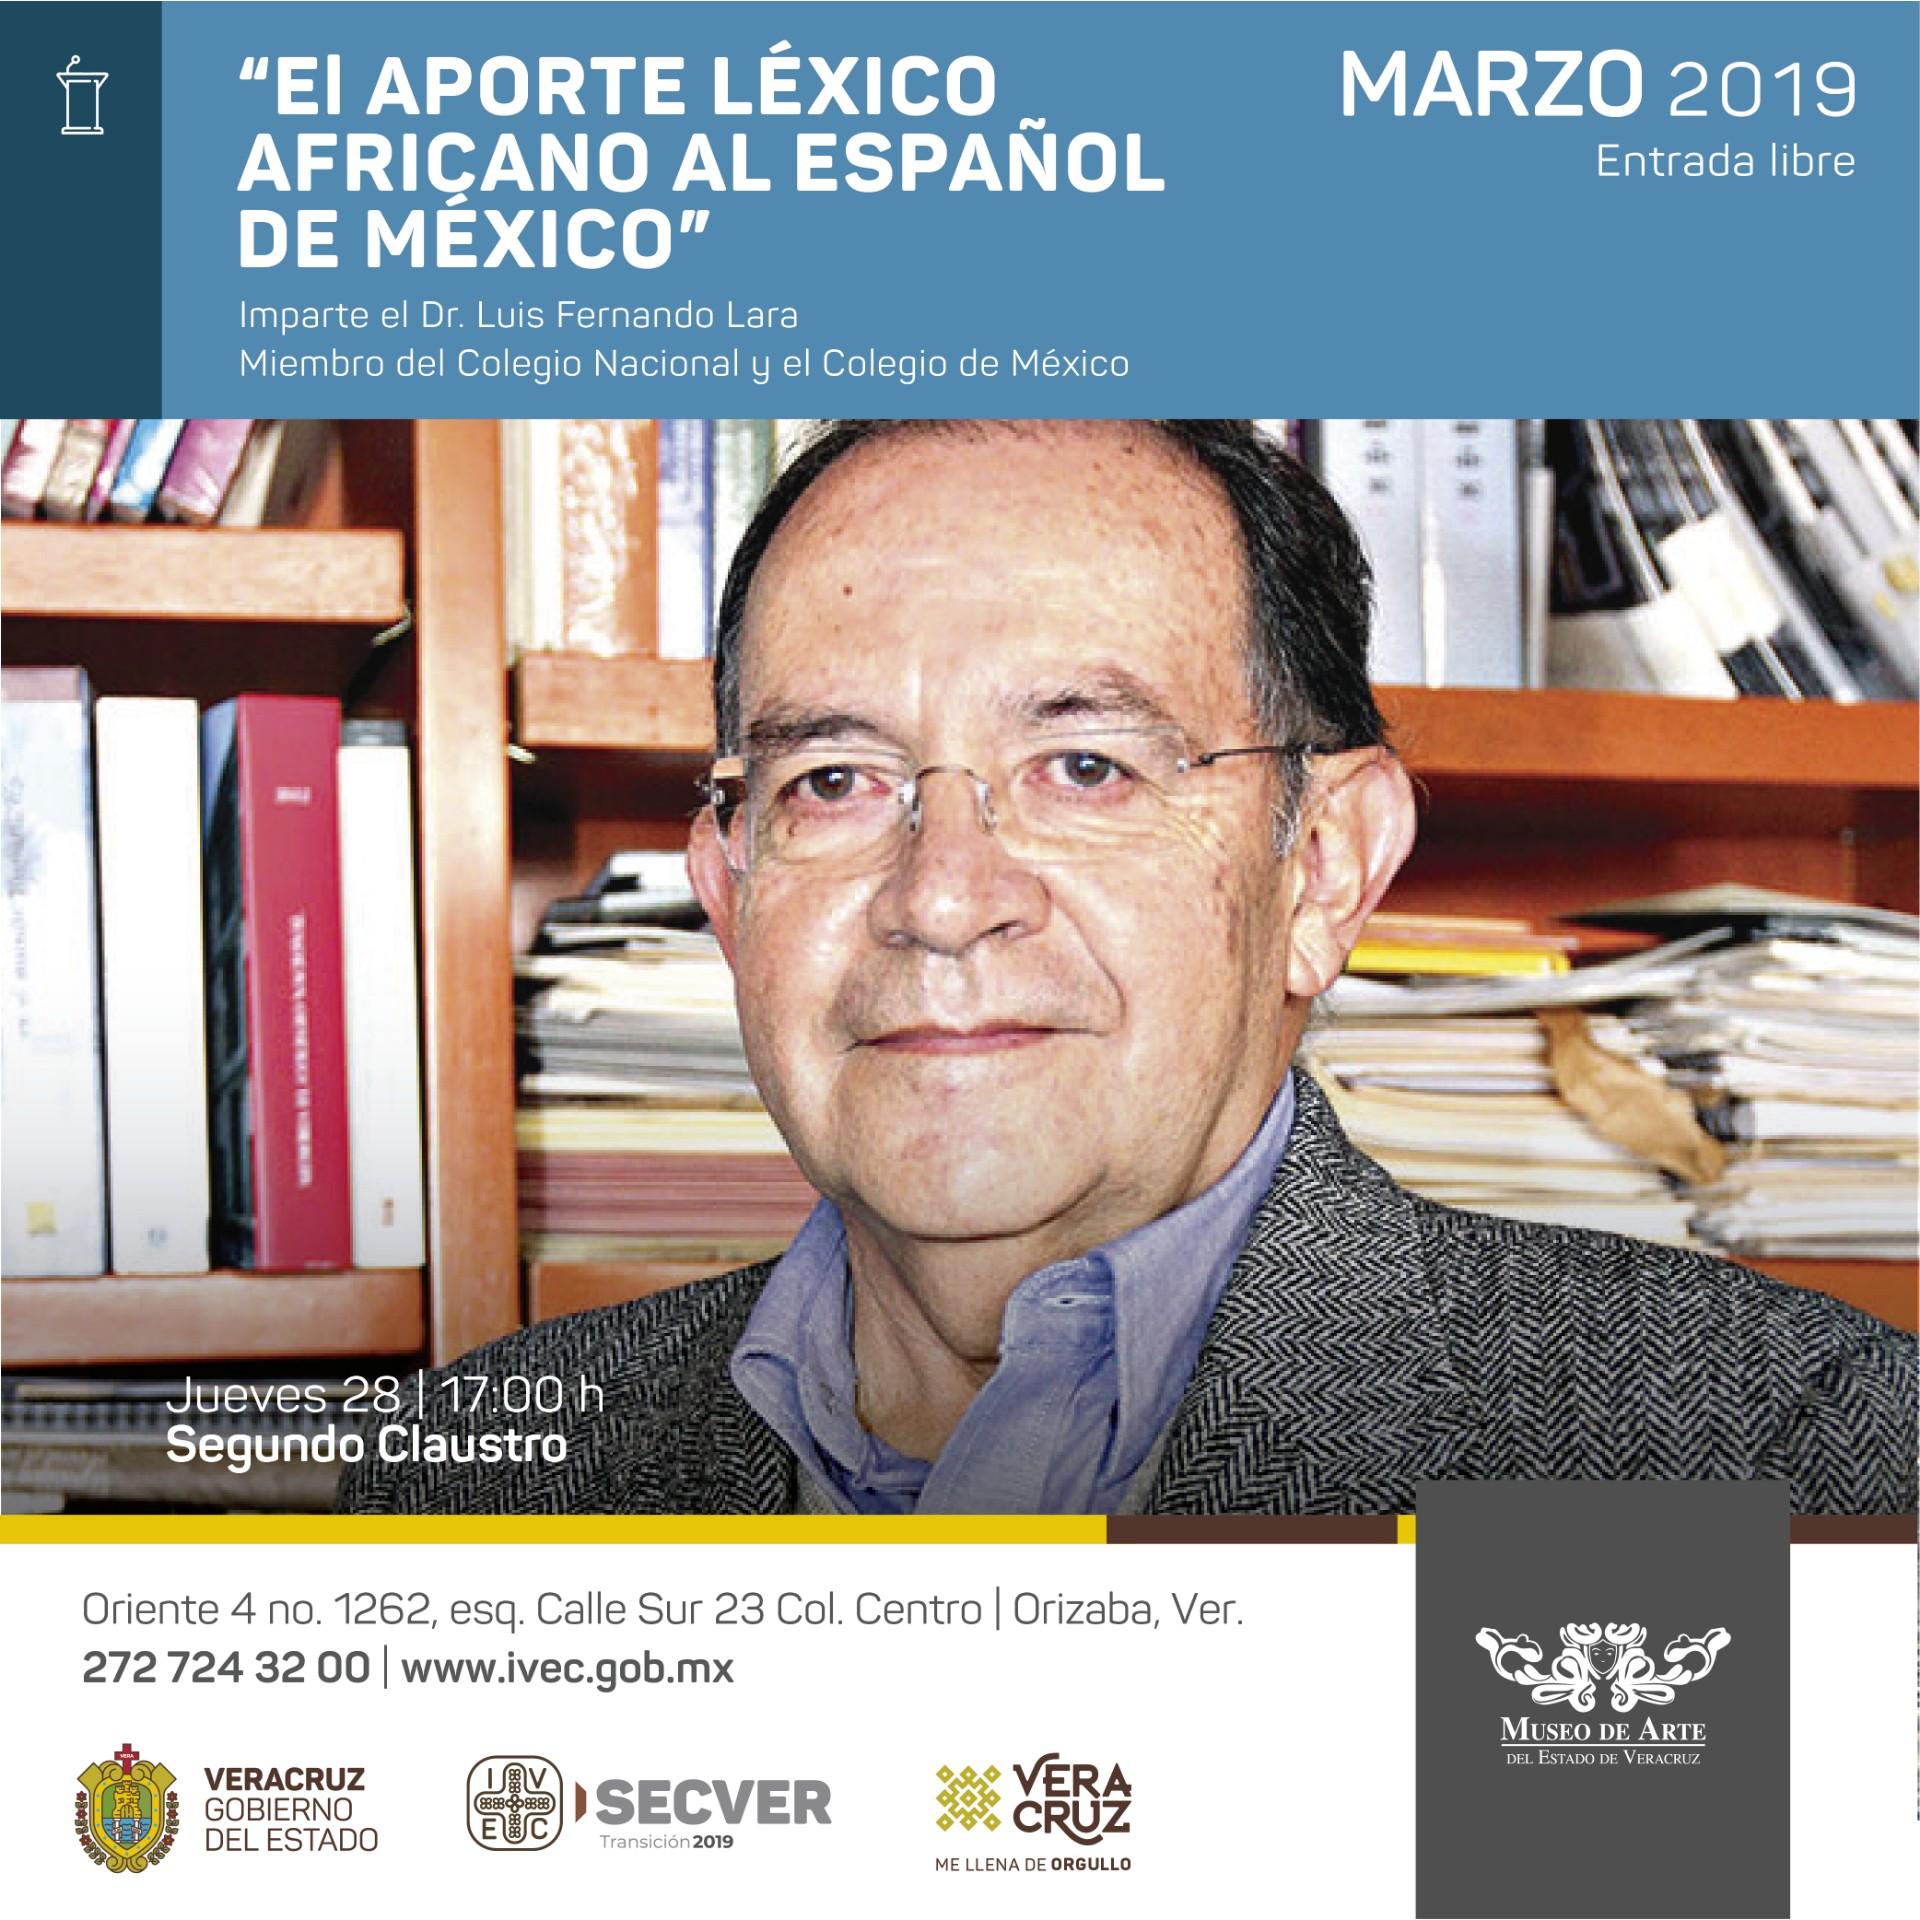 El aporte léxico africano al español de México